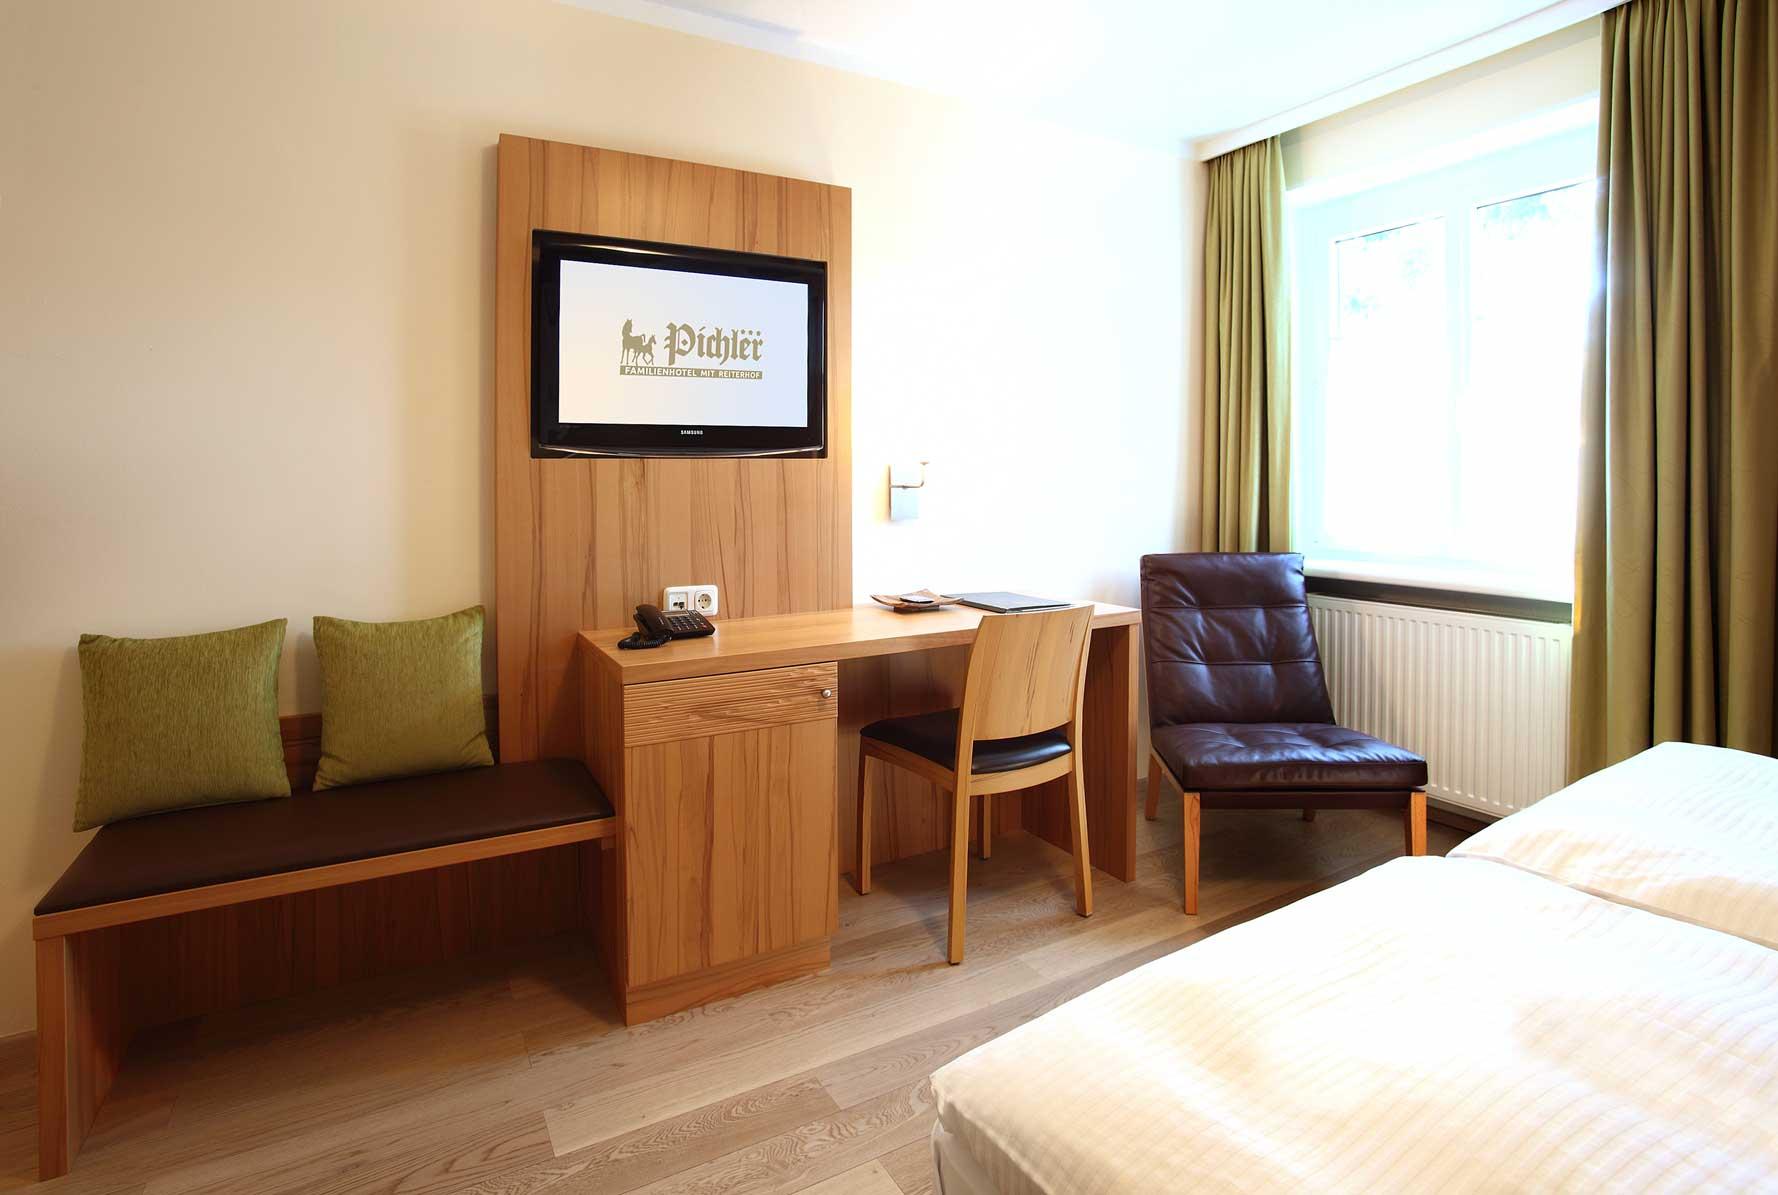 Einzelzimmer als 4-sterne-niveau komfortzimmer bad gasthof-reiterhof familienhotel pichler in Oberösterreich